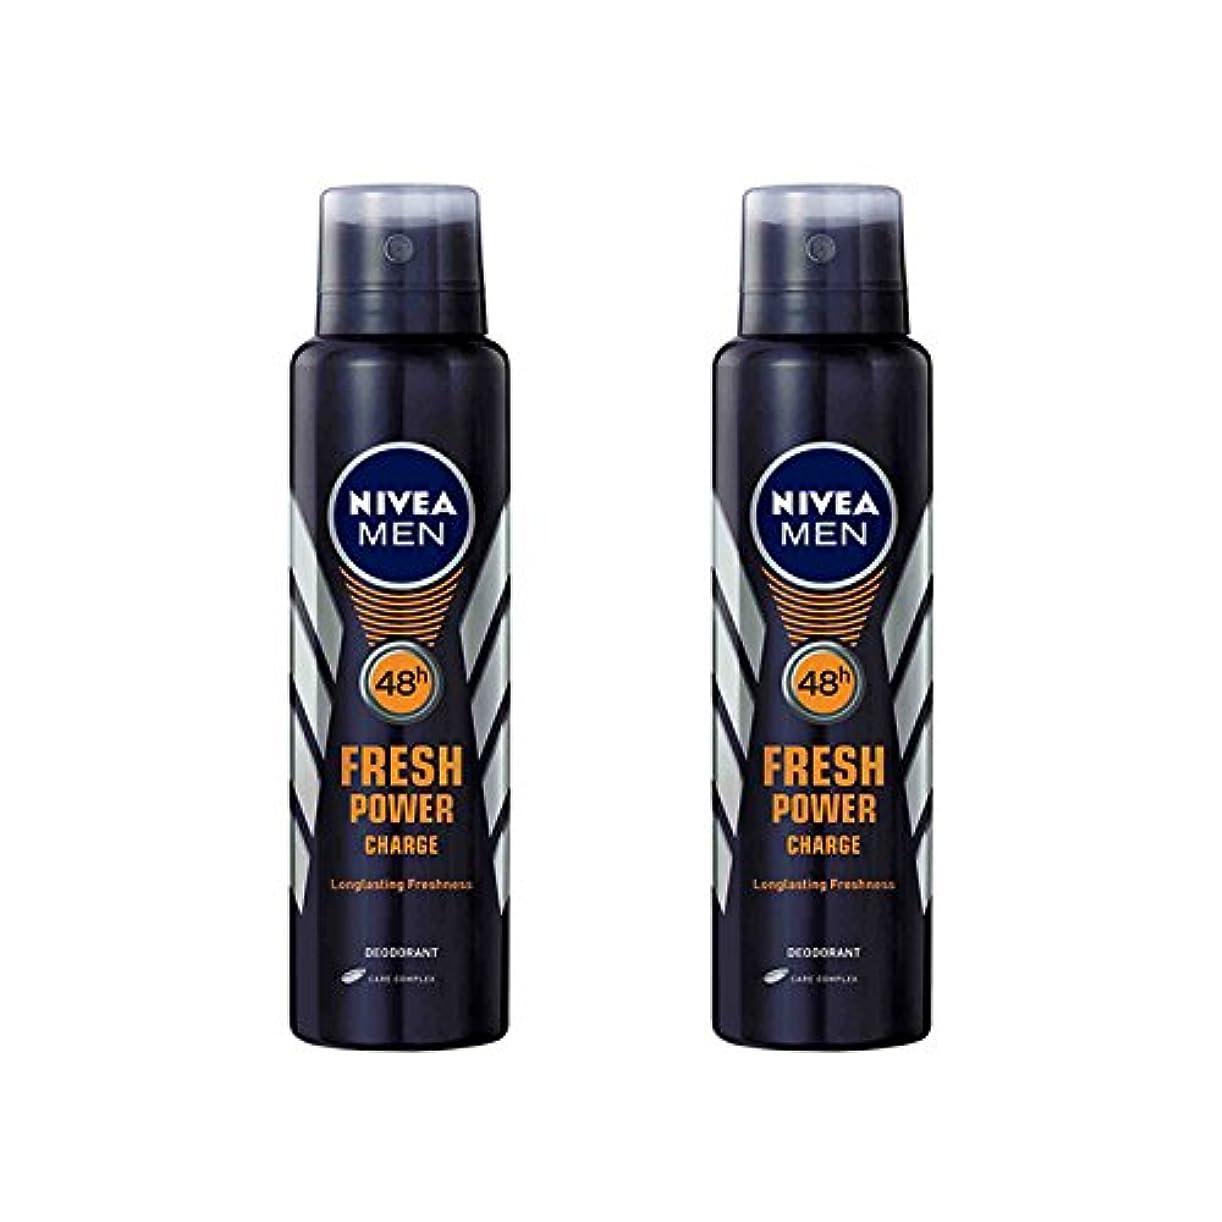 津波ドアミラー有名2 Lots X Nivea Male Deodorant Fresh Power Charge, 150ml - 並行輸入品 - 2ロットXニベア男性デオドラントフレッシュパワーチャージ、150ml